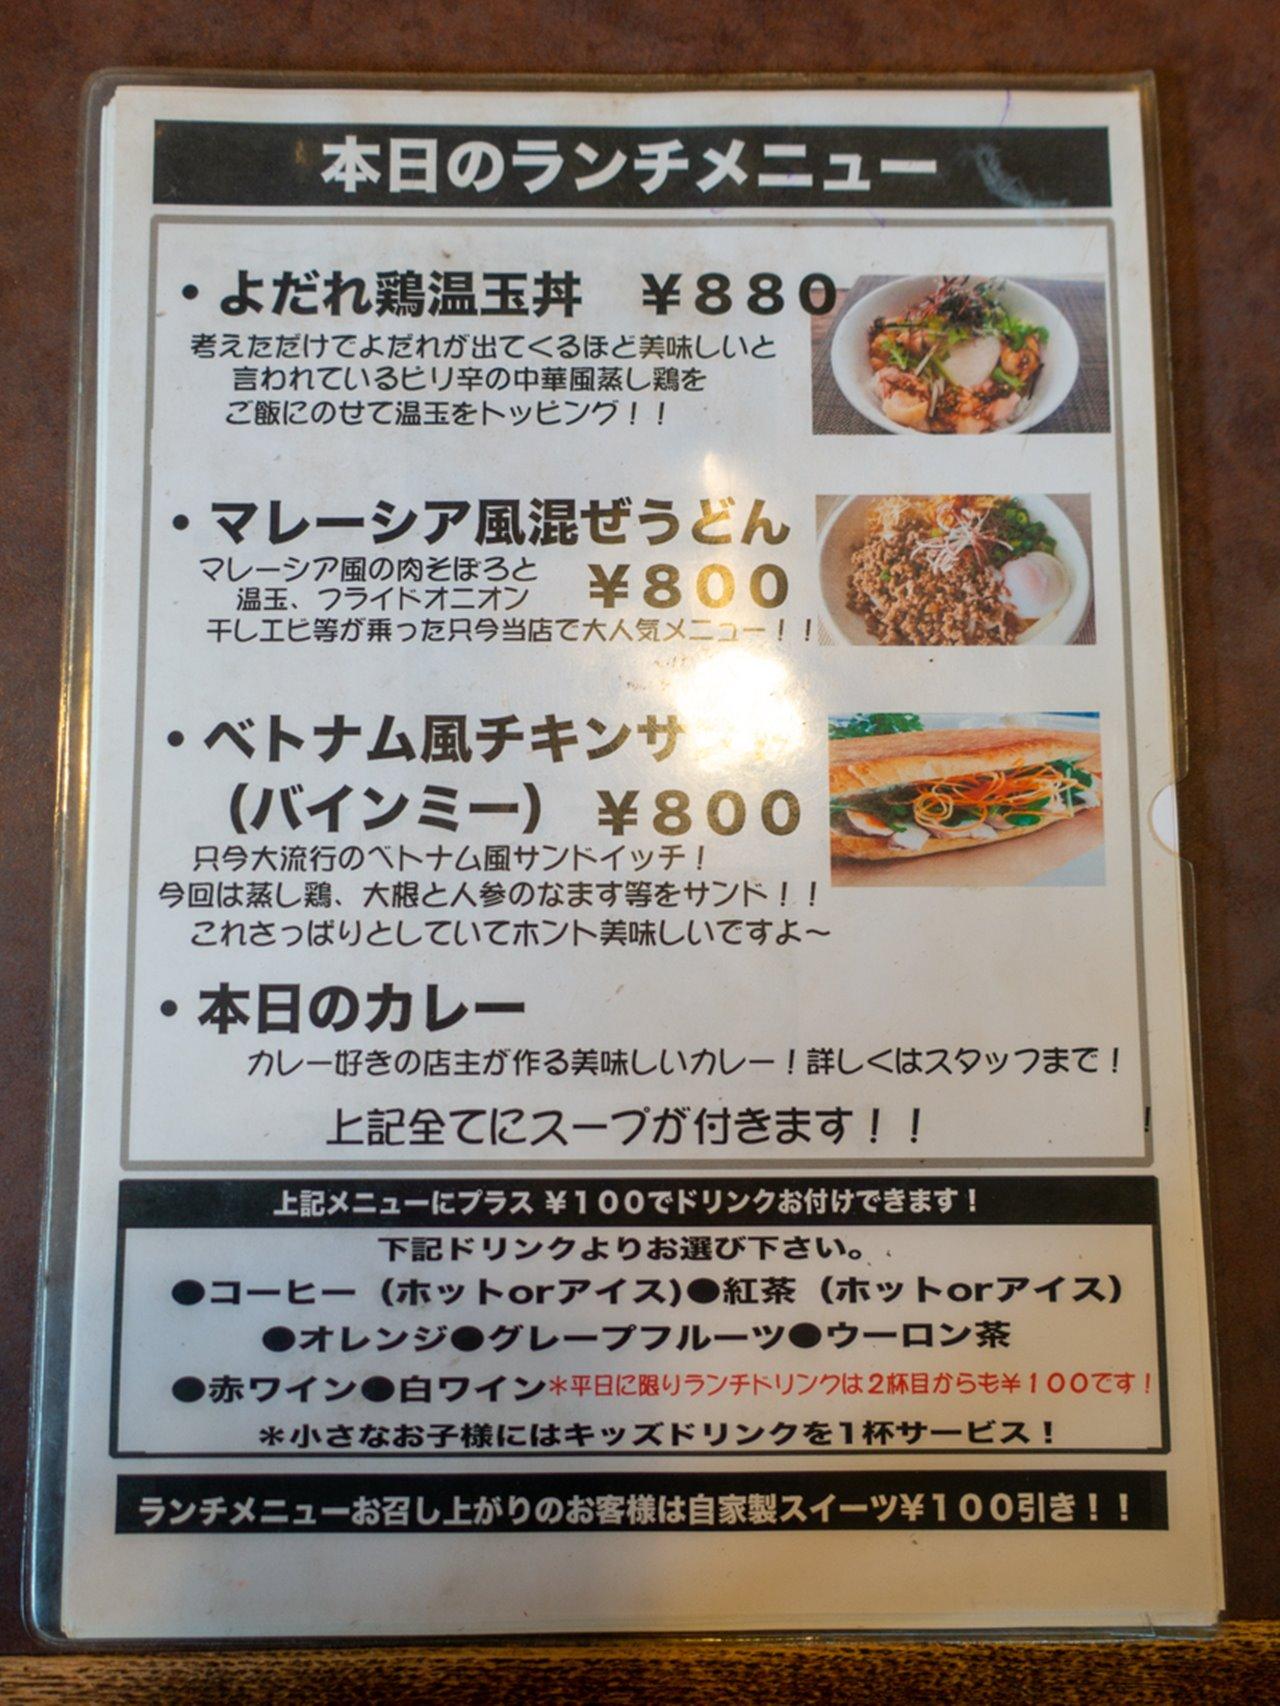 喰い物屋 KOTETSUのメニュー